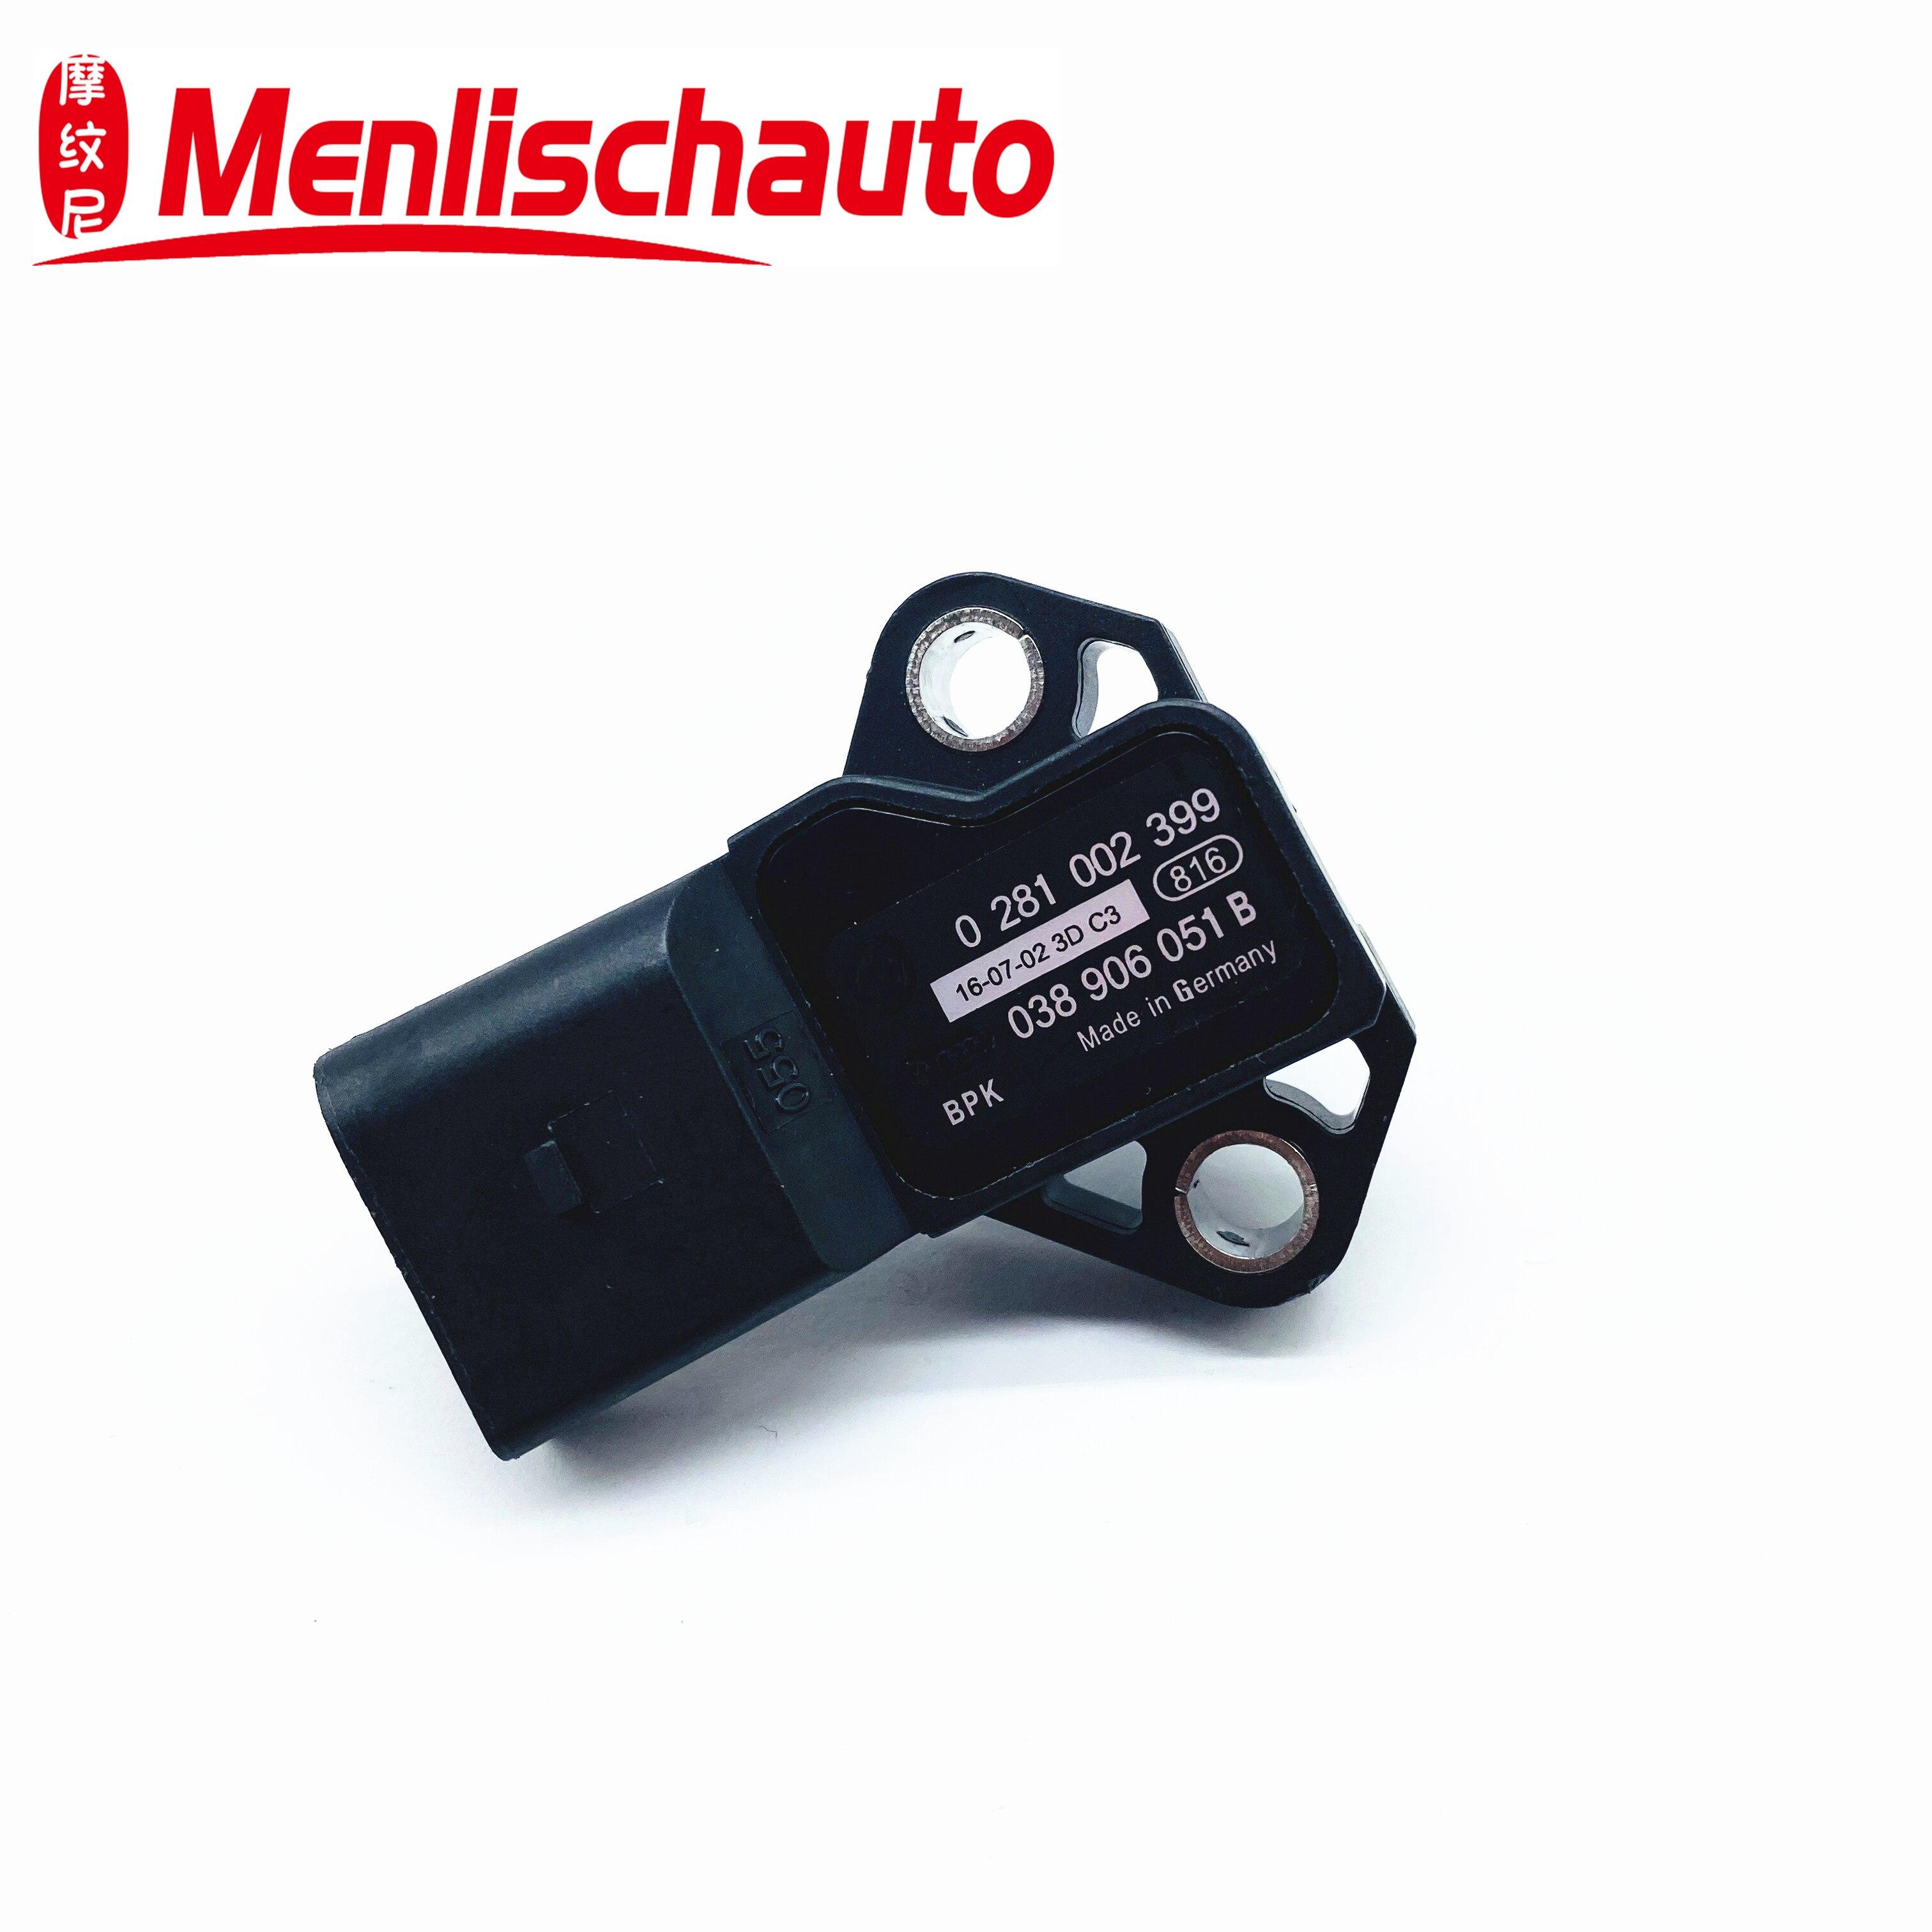 0281002399 038906051B 2.5 Bar Turbo MAP Sensor Air Pressure Sensor For German cars Seat Skoda|Pressure Sensor| |  - title=